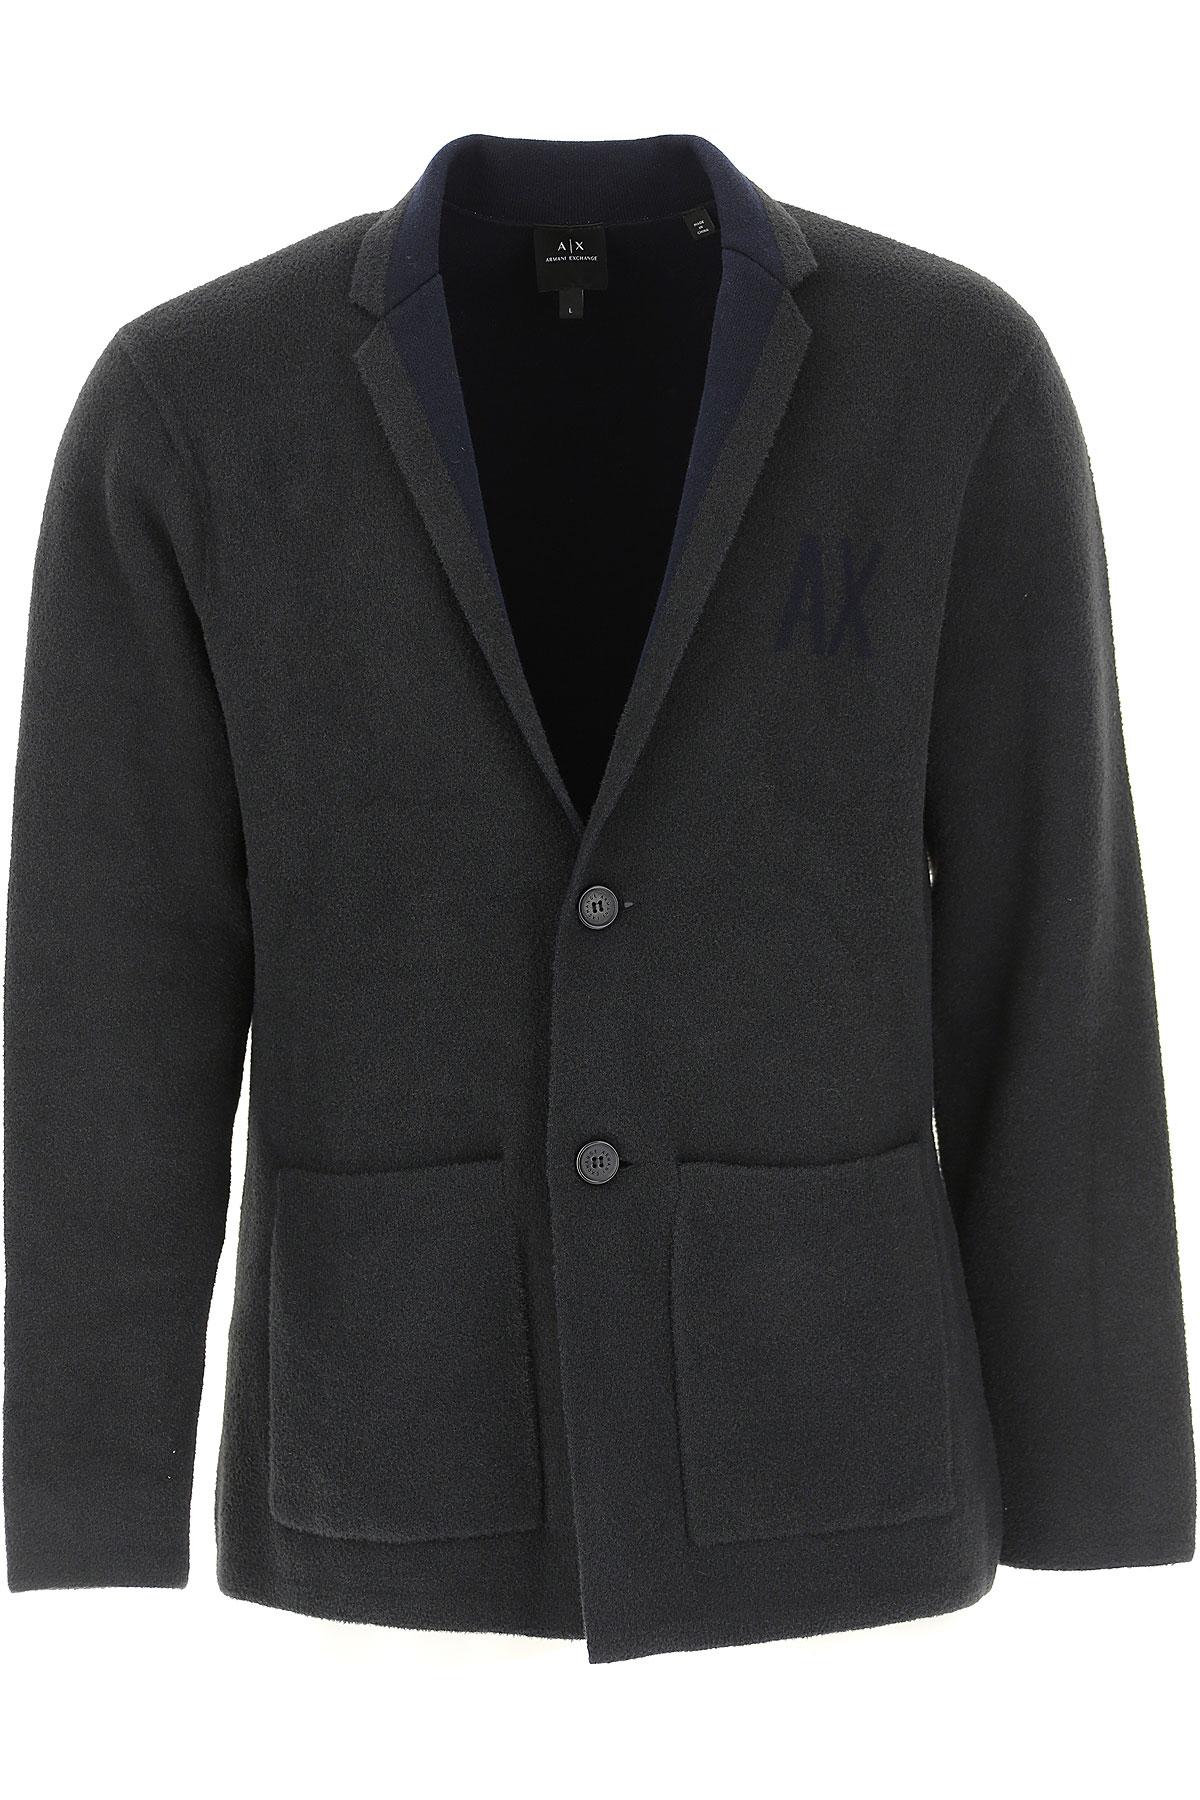 Emporio Armani Blazer for Men, Sport Coat On Sale, Dark Grey, poliammide, 2019, L M S